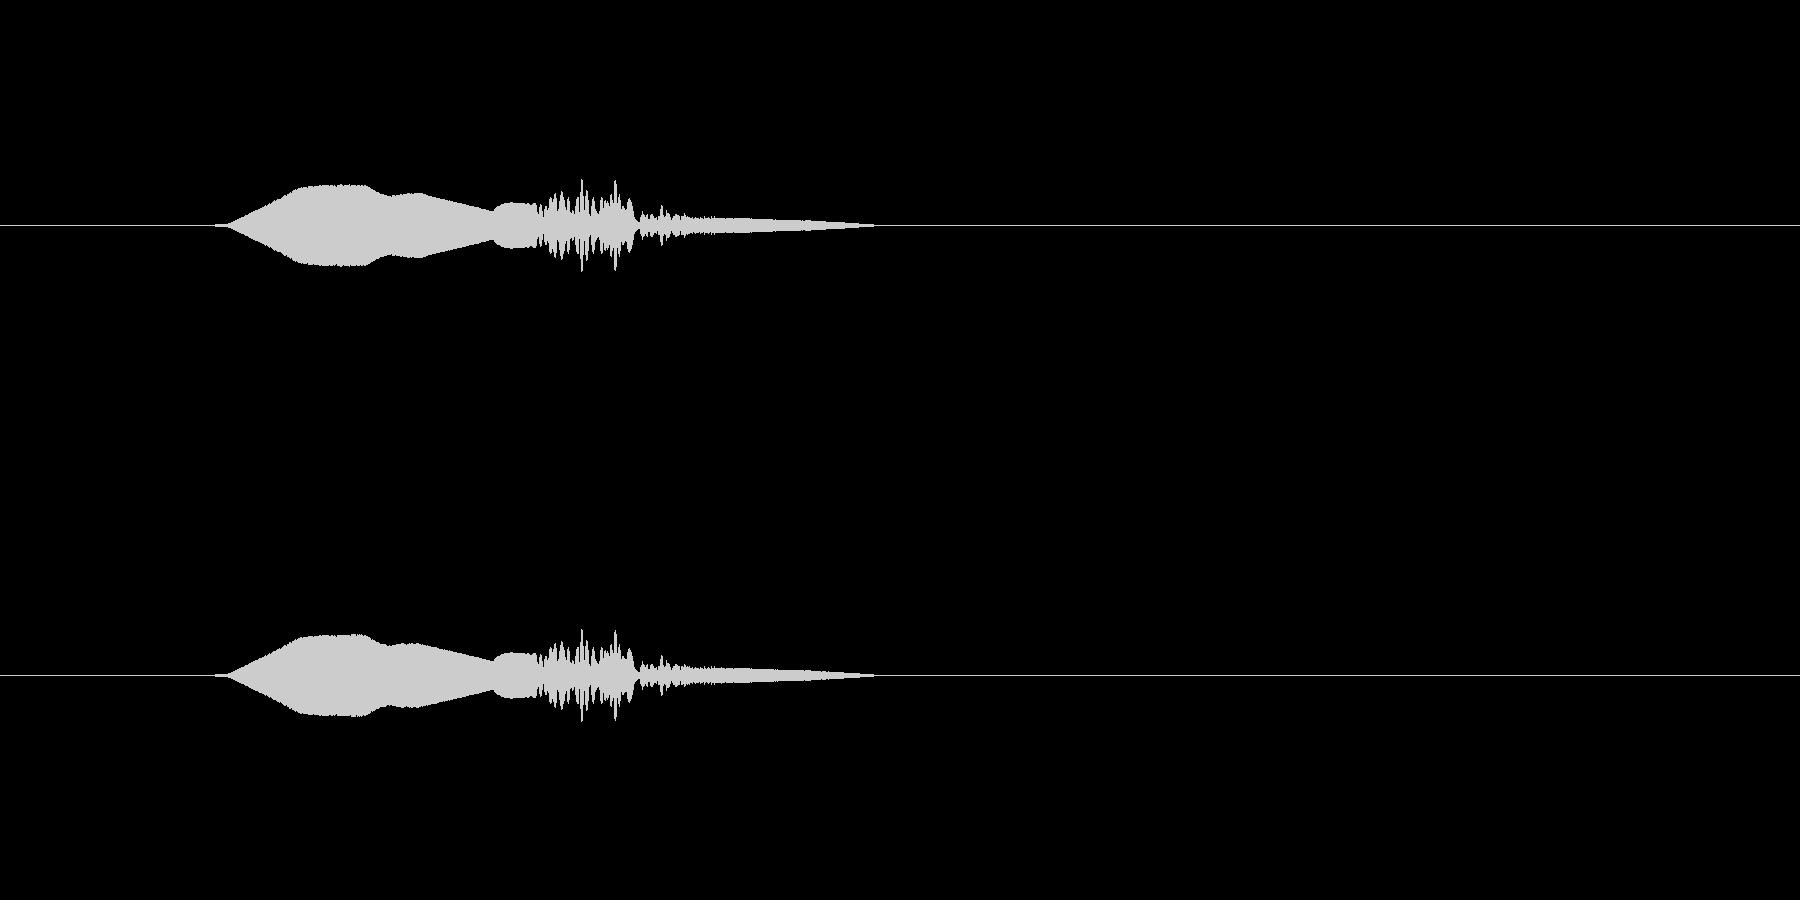 【ポップモーション25-4】の未再生の波形